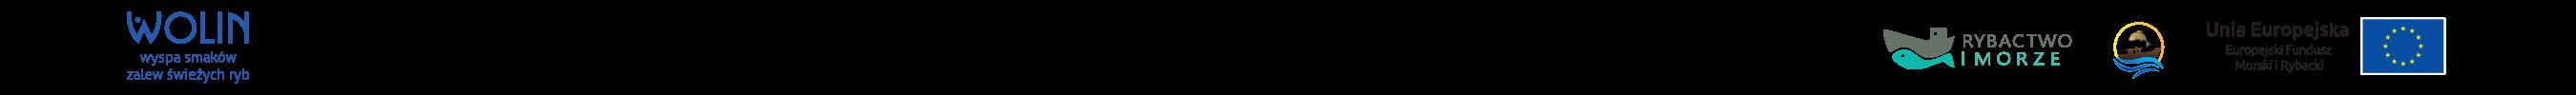 Wolin Wyspa Smaków Logo